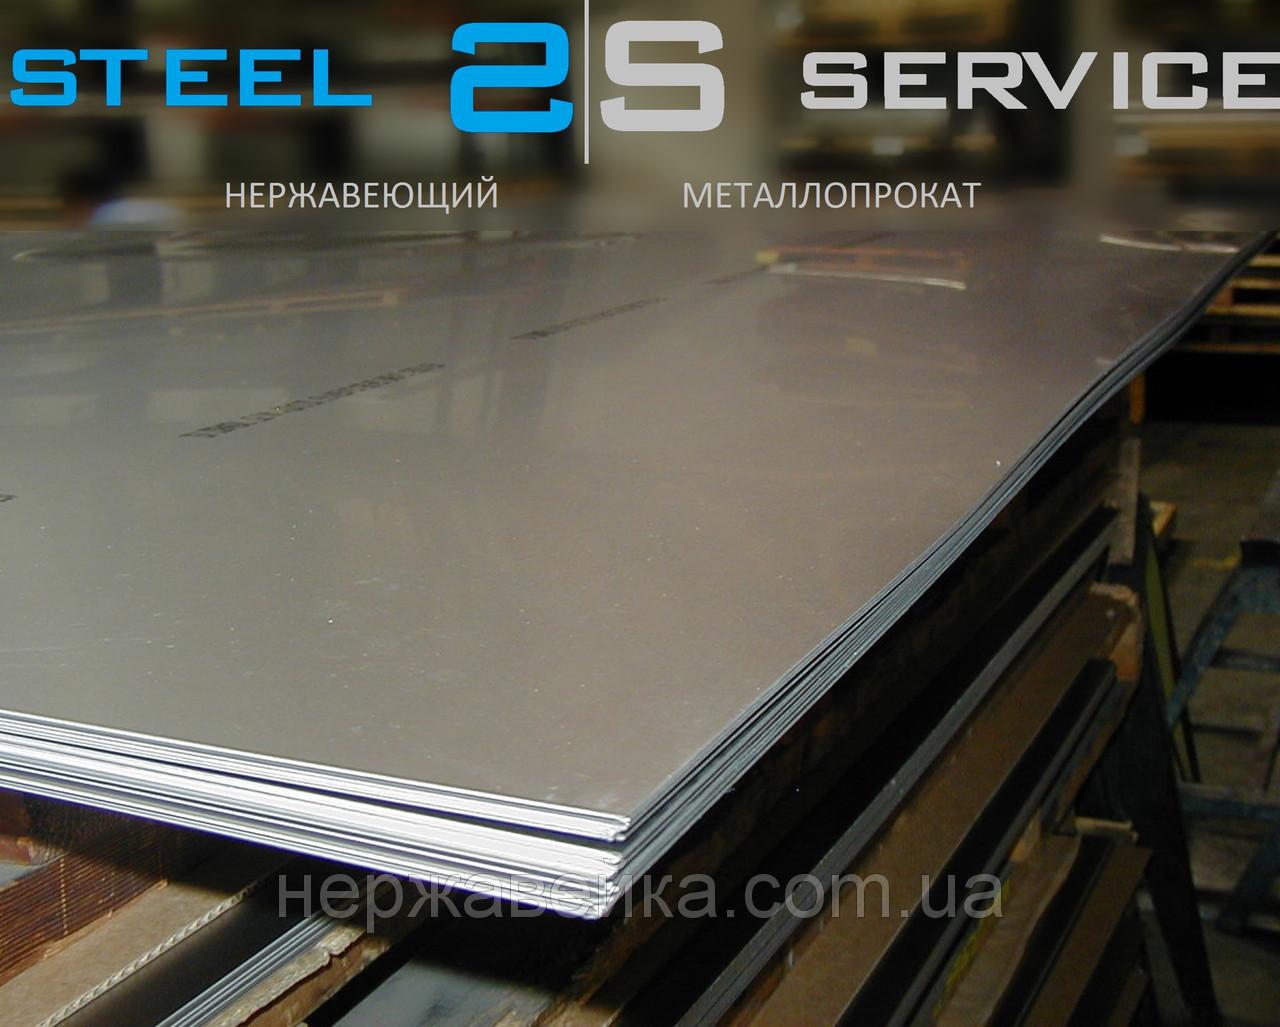 Нержавейка лист 0,8х1500х3000мм  AISI 304(08Х18Н10) BA - зеркало,  пищевой